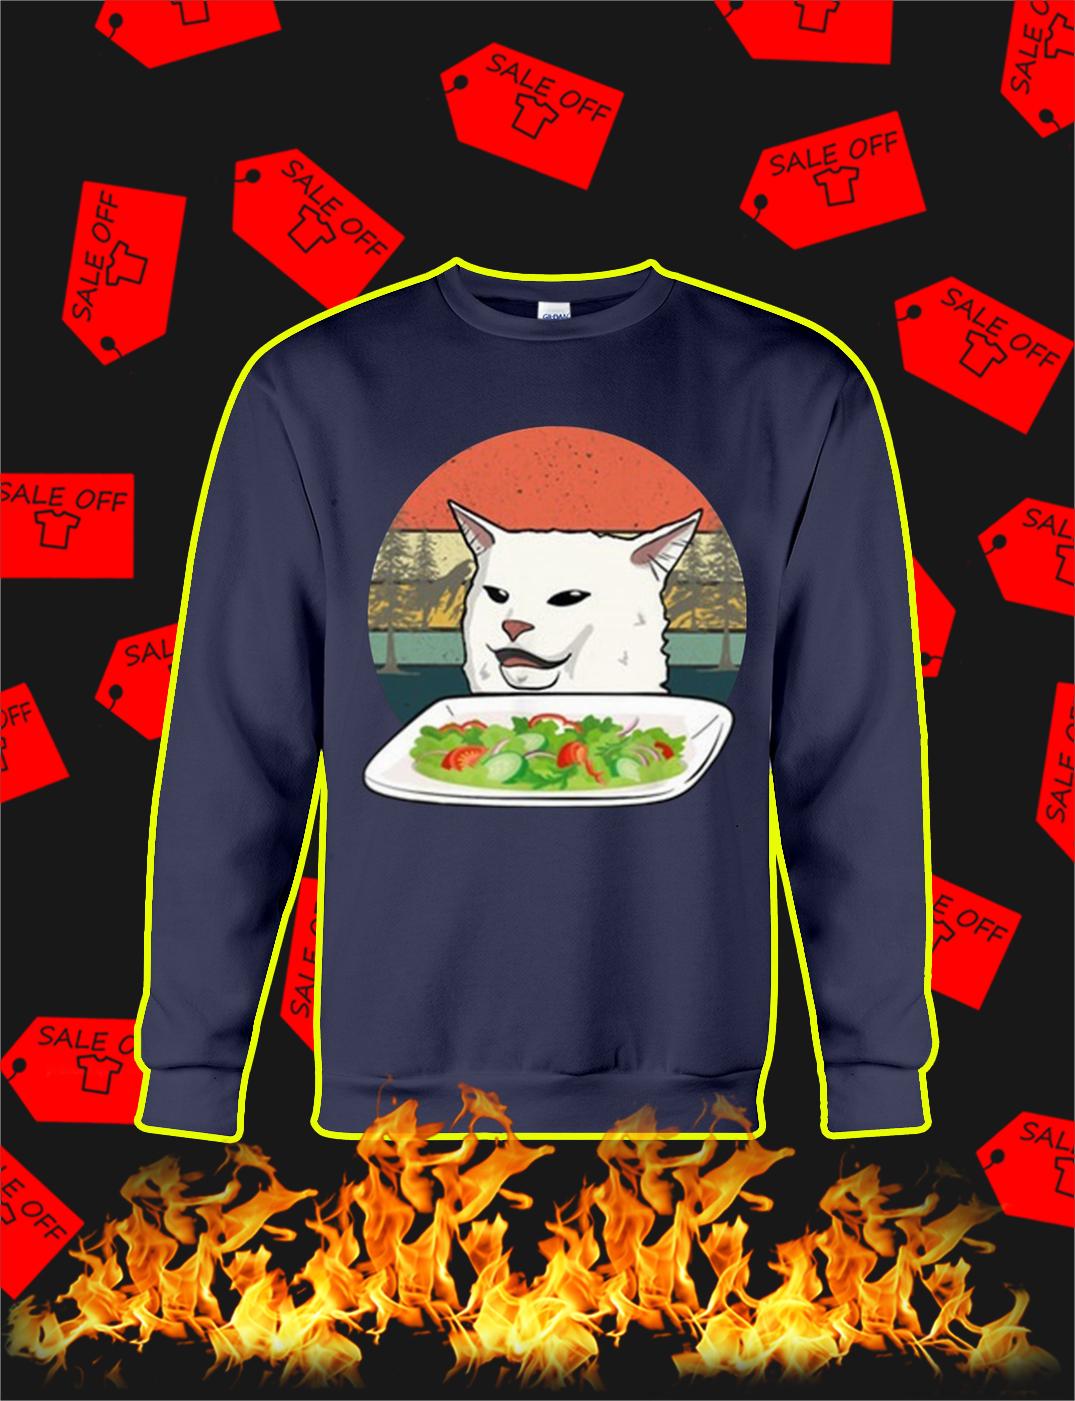 Smudge the Cat Meme Vintage sweatshirt